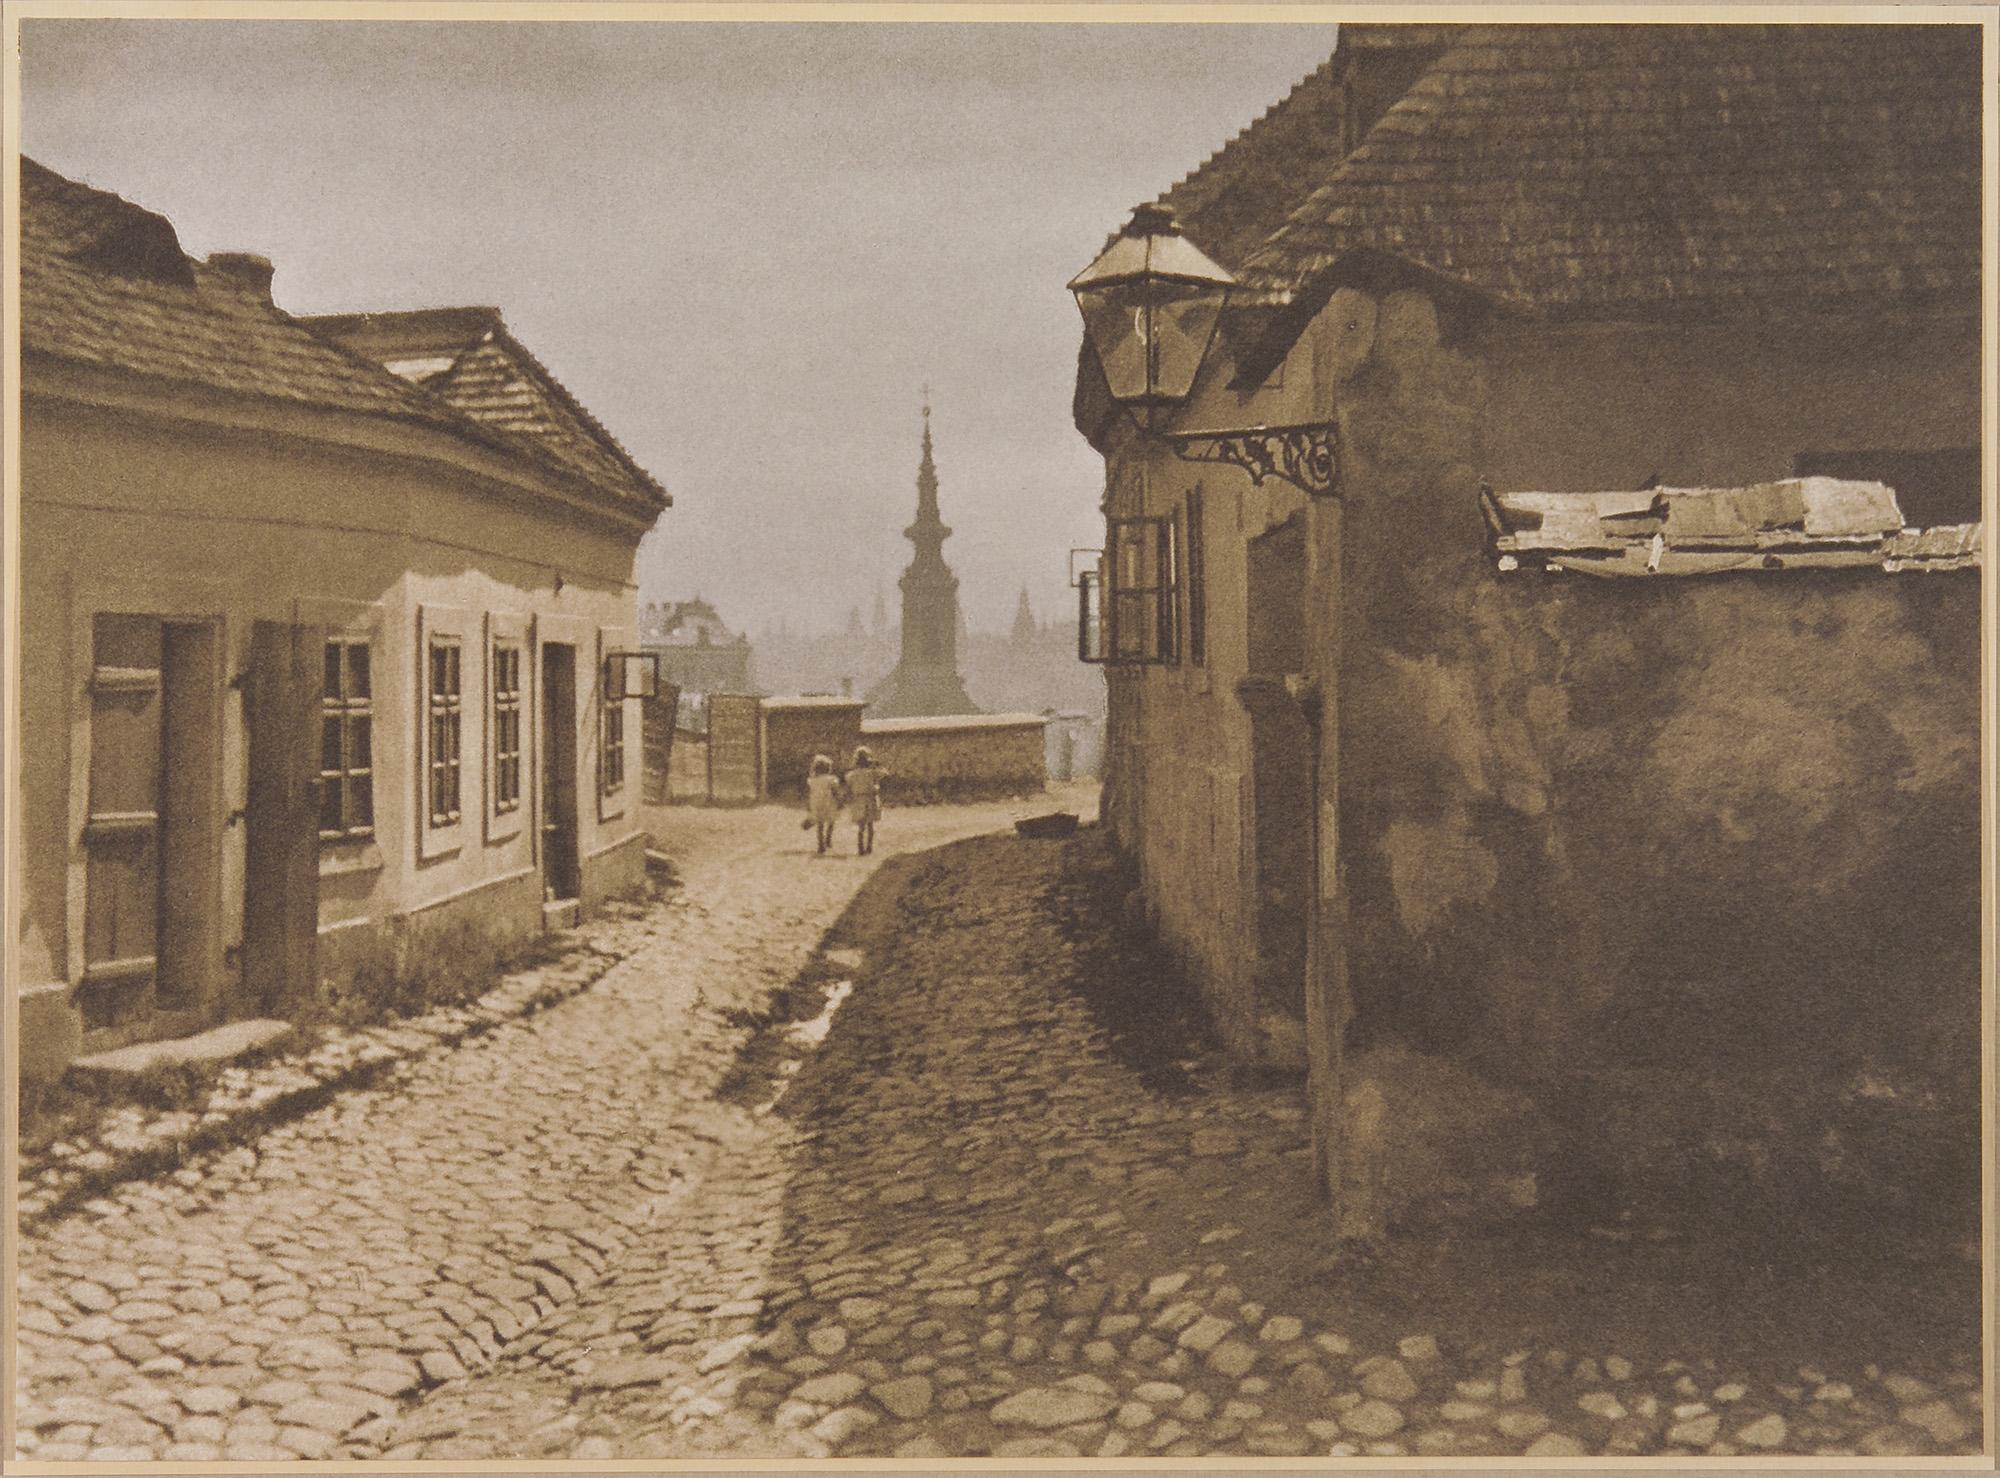 Fotó: Faix Jacques: Tabán, 1910 k. © Magyar Fotográfiai Múzeum